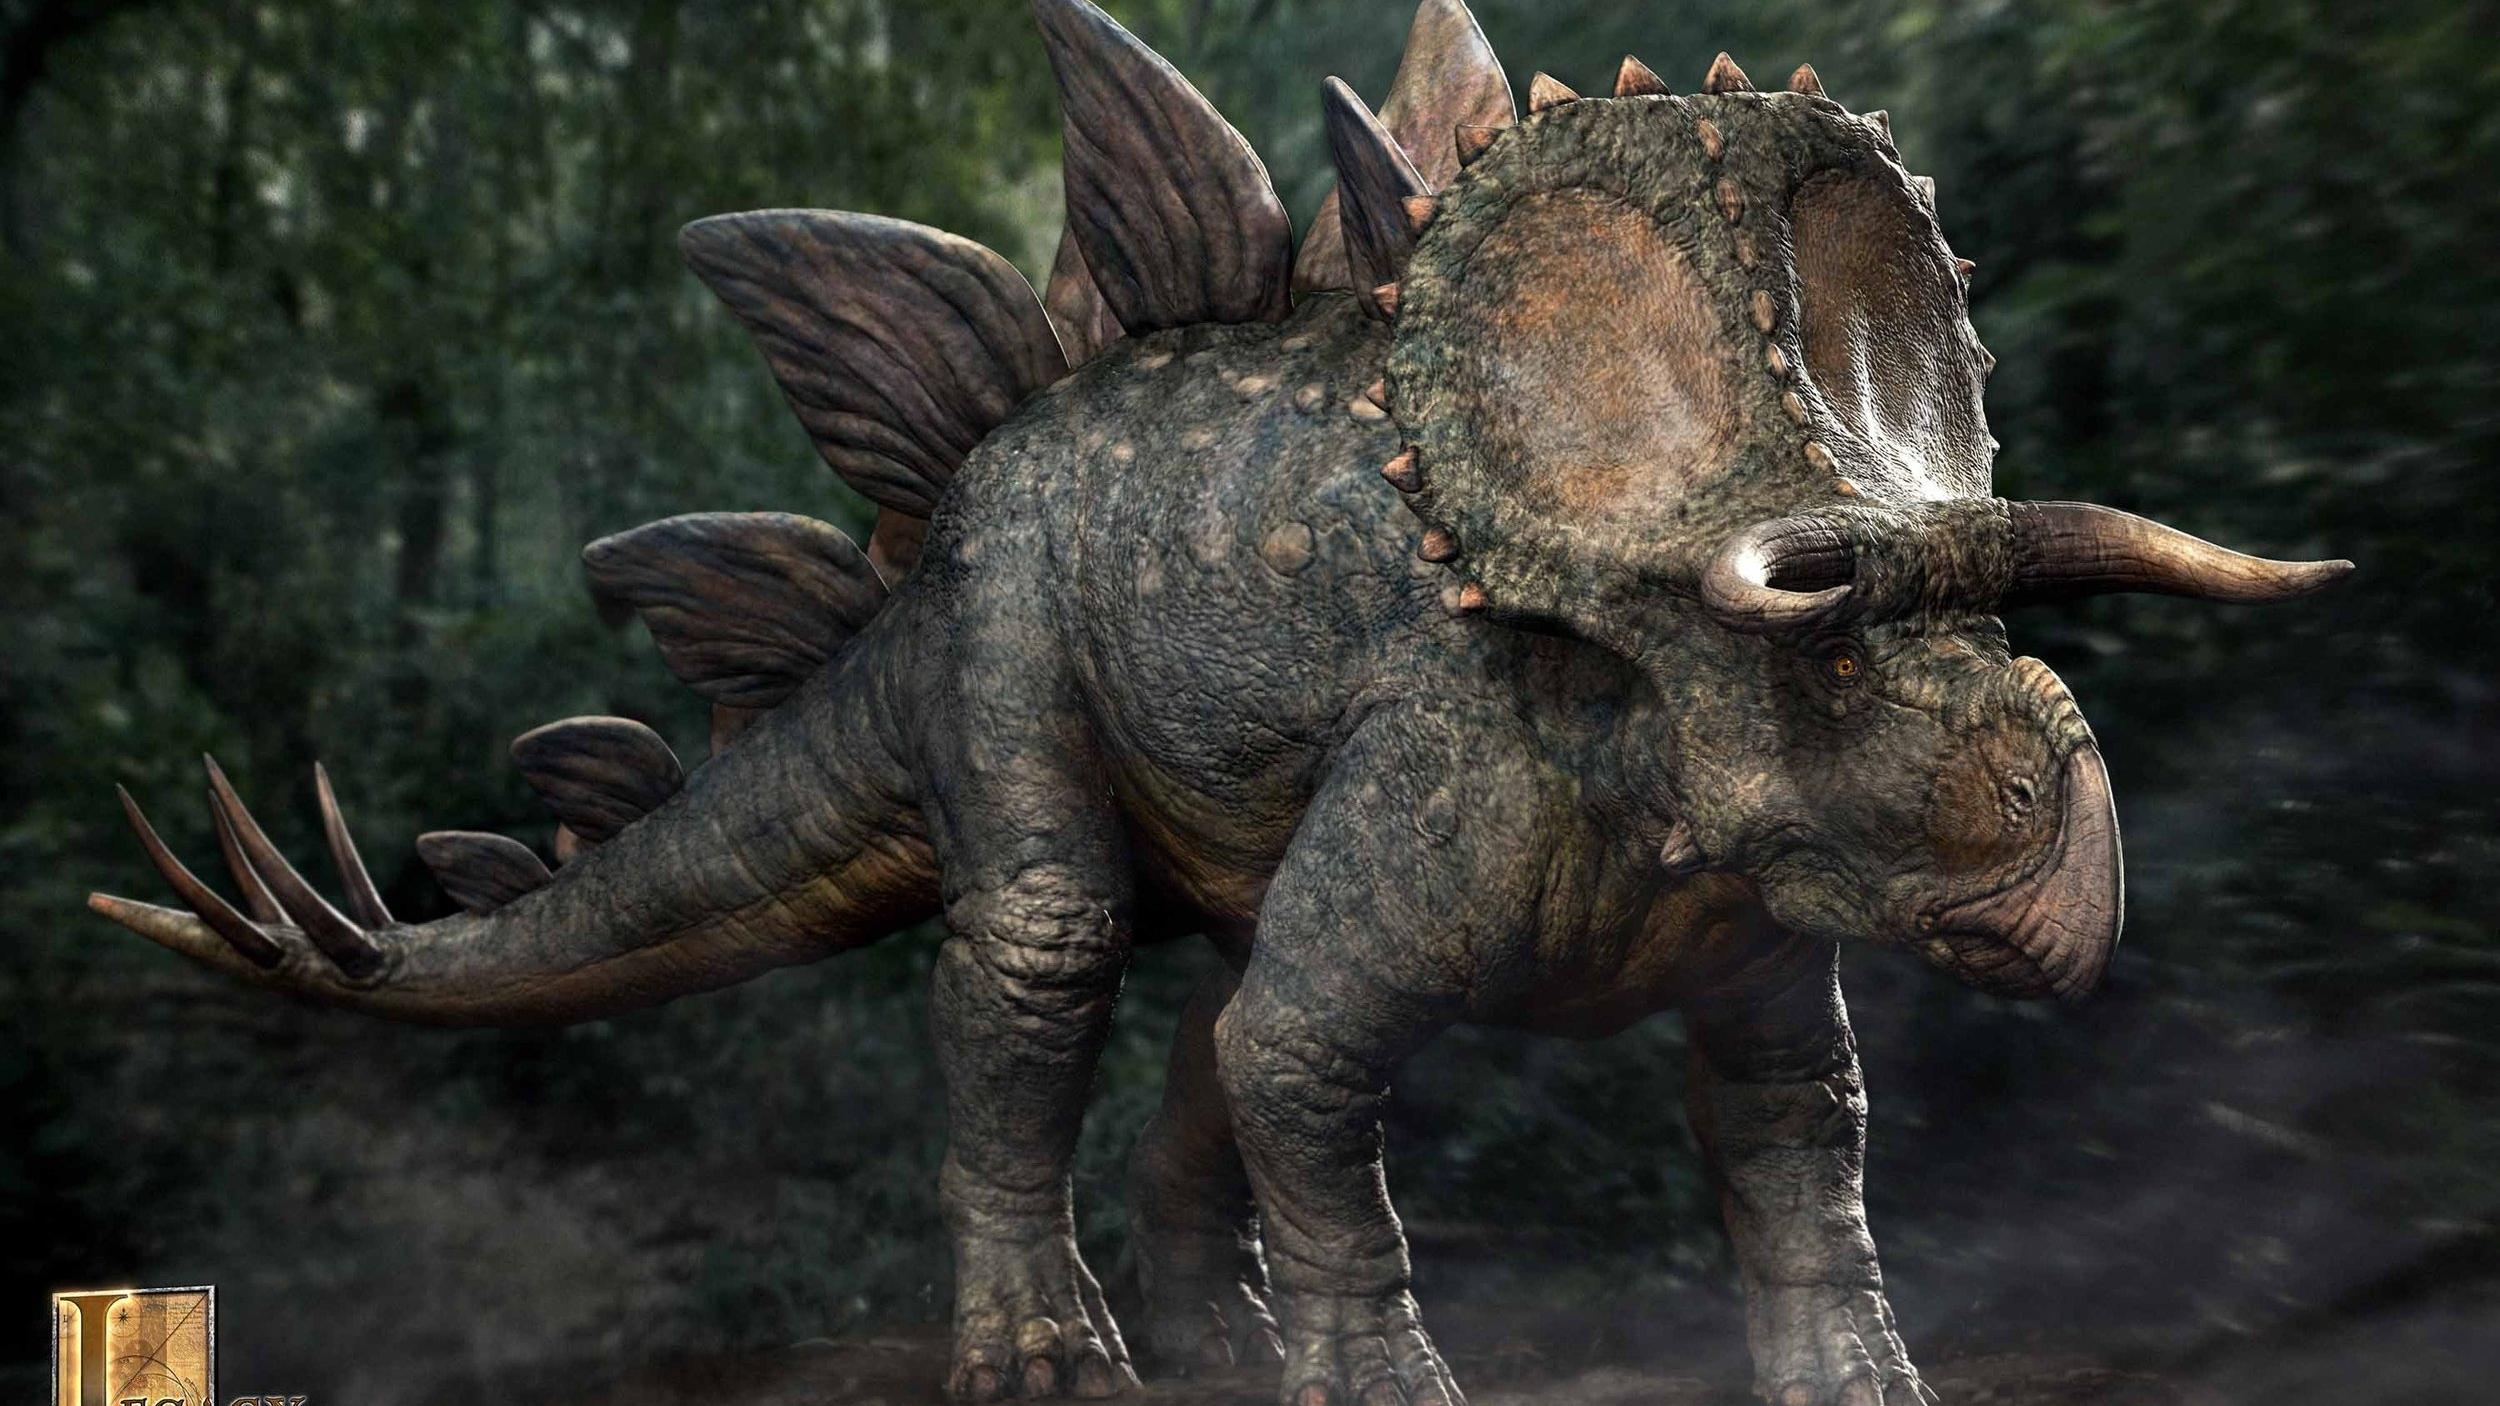 stegoceratops_v01_004_B.jpg